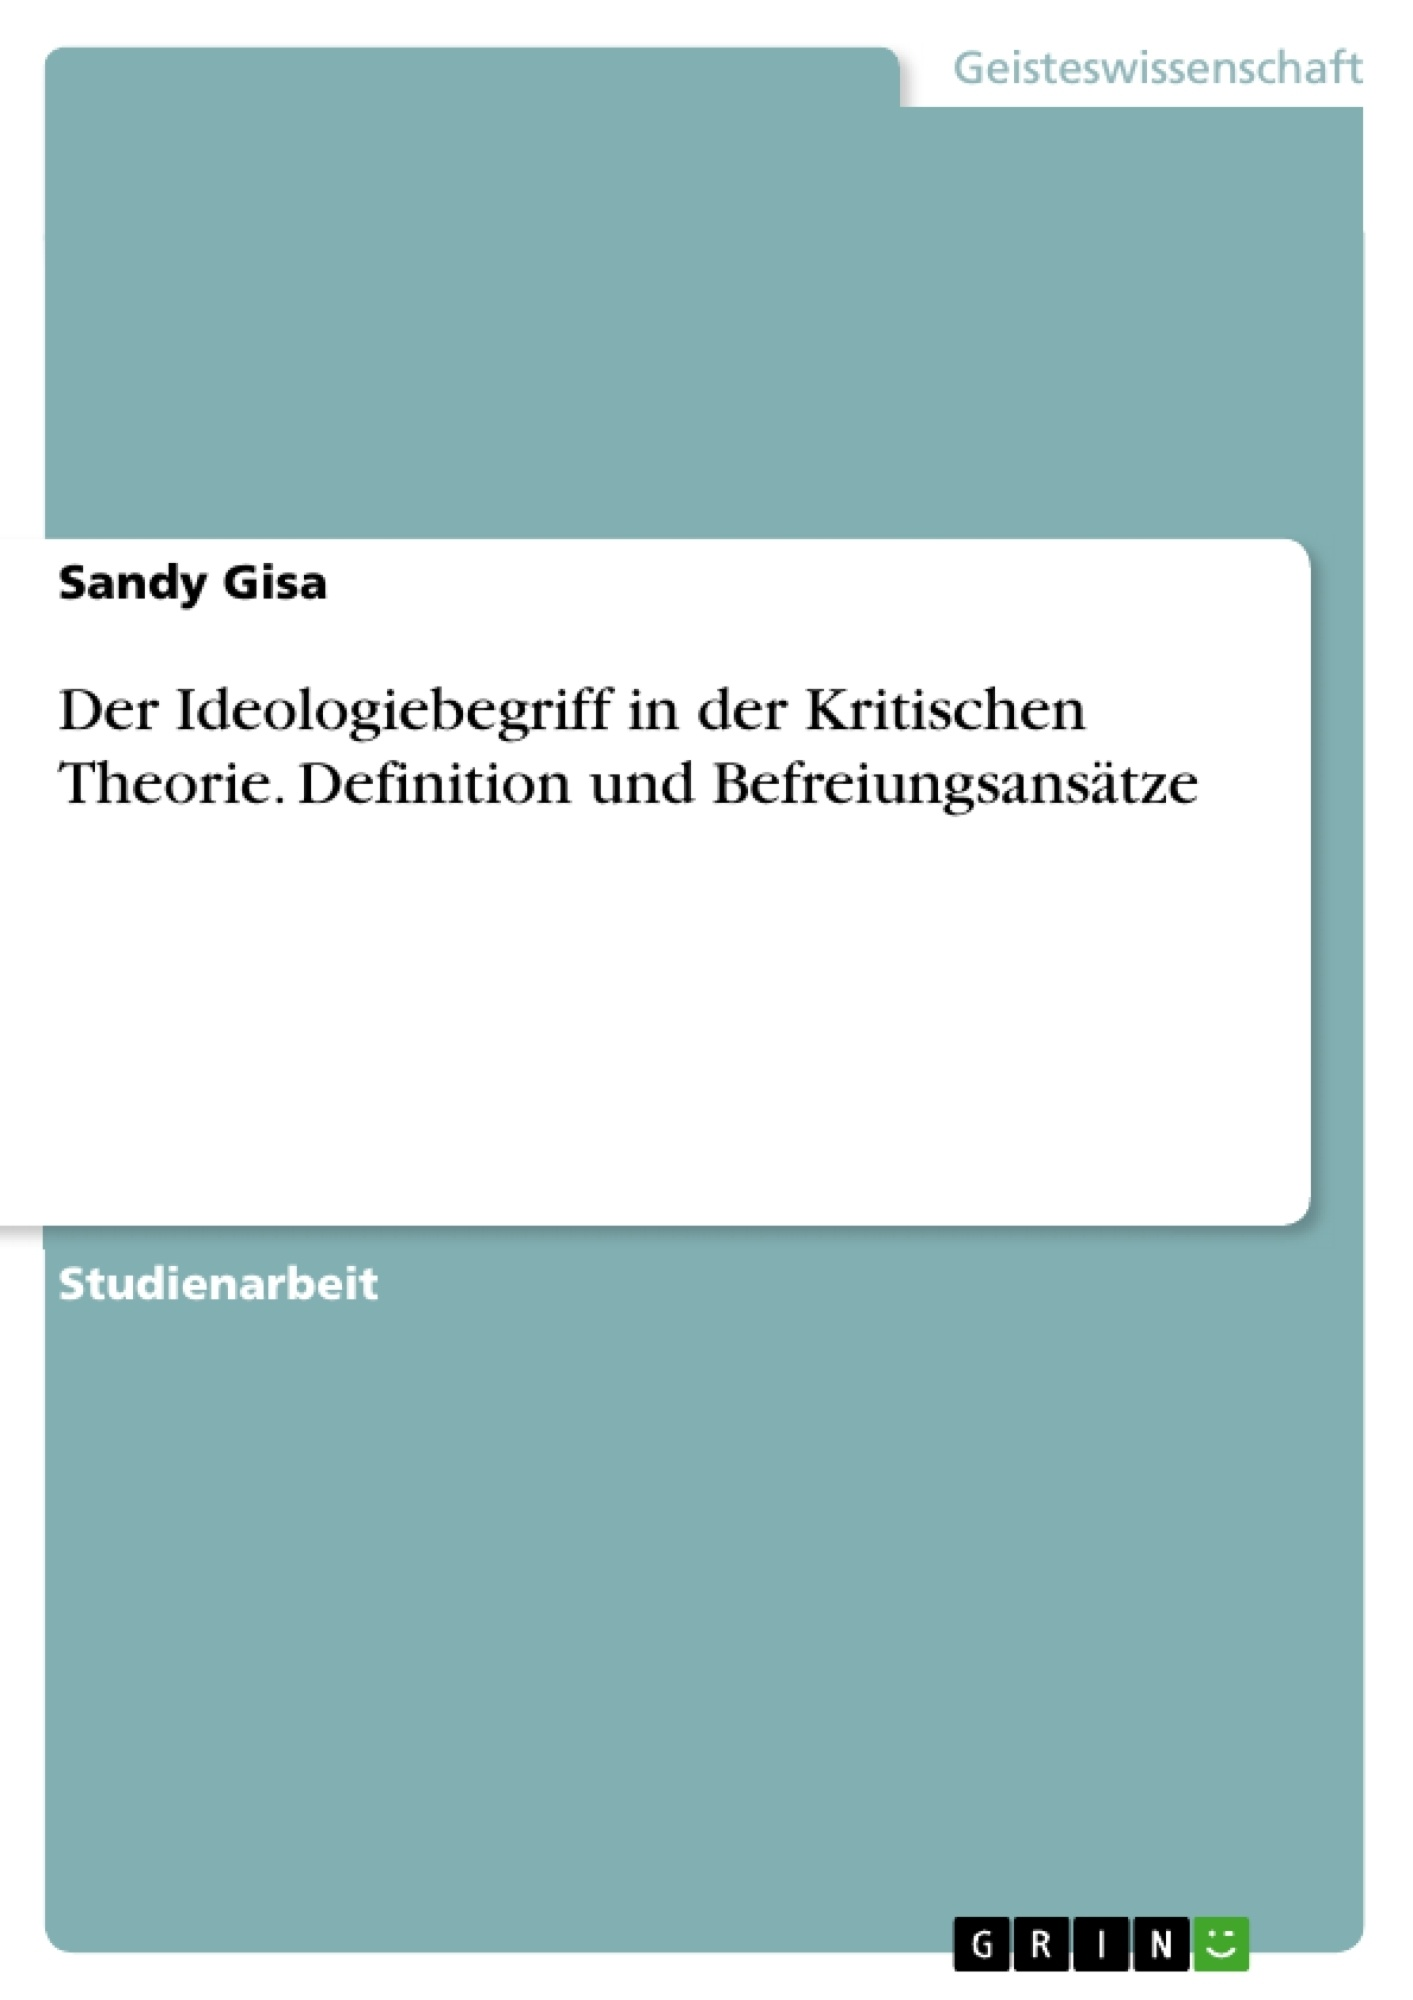 Titel: Der Ideologiebegriff in der Kritischen Theorie. Definition und Befreiungsansätze